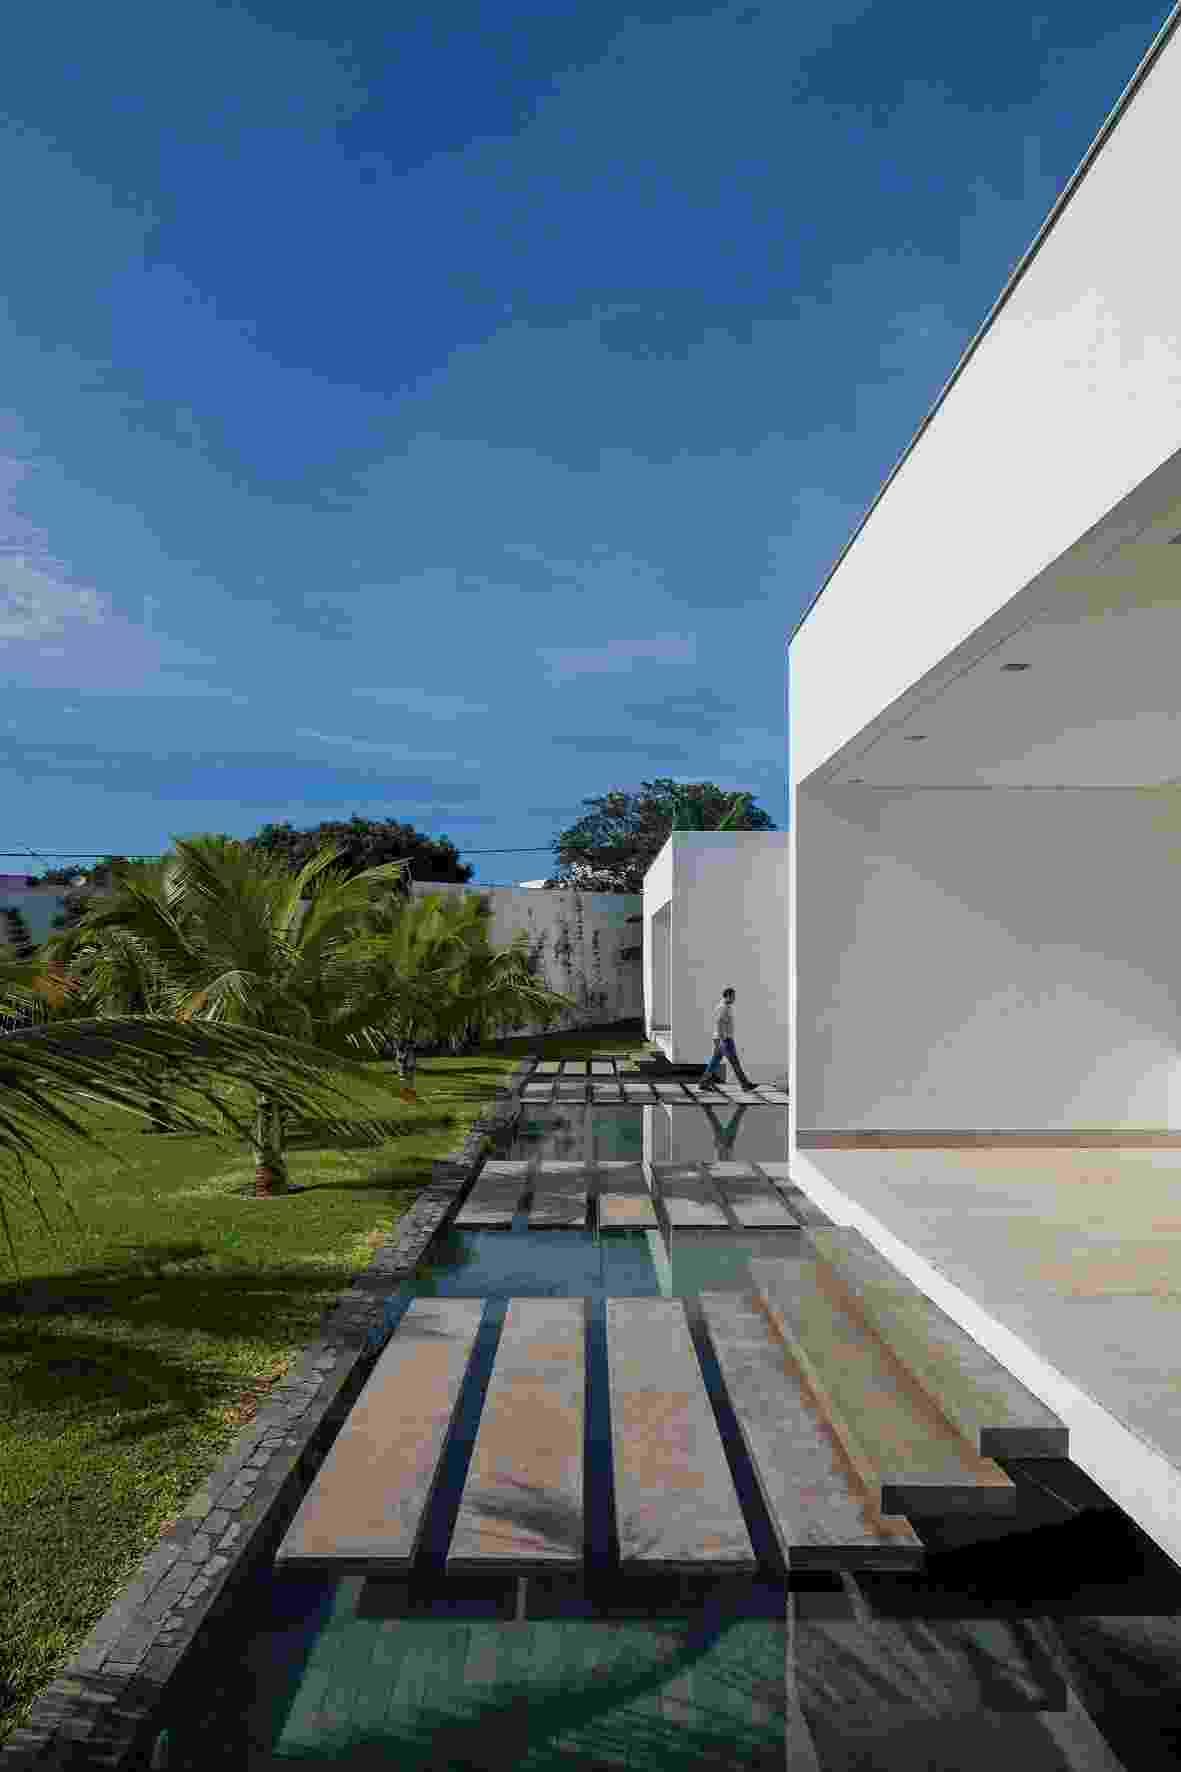 Aproveitando o suave desnível do terreno, criou-se um jardim e um espelho d?água que reflete o volume dos dormitórios, este elevado a 80 cm. O acesso aos quartos se dá por degraus apoiados em pilares centrais que dão a sensação visual de estarem flutuando - Leonardo Finotti/UOL